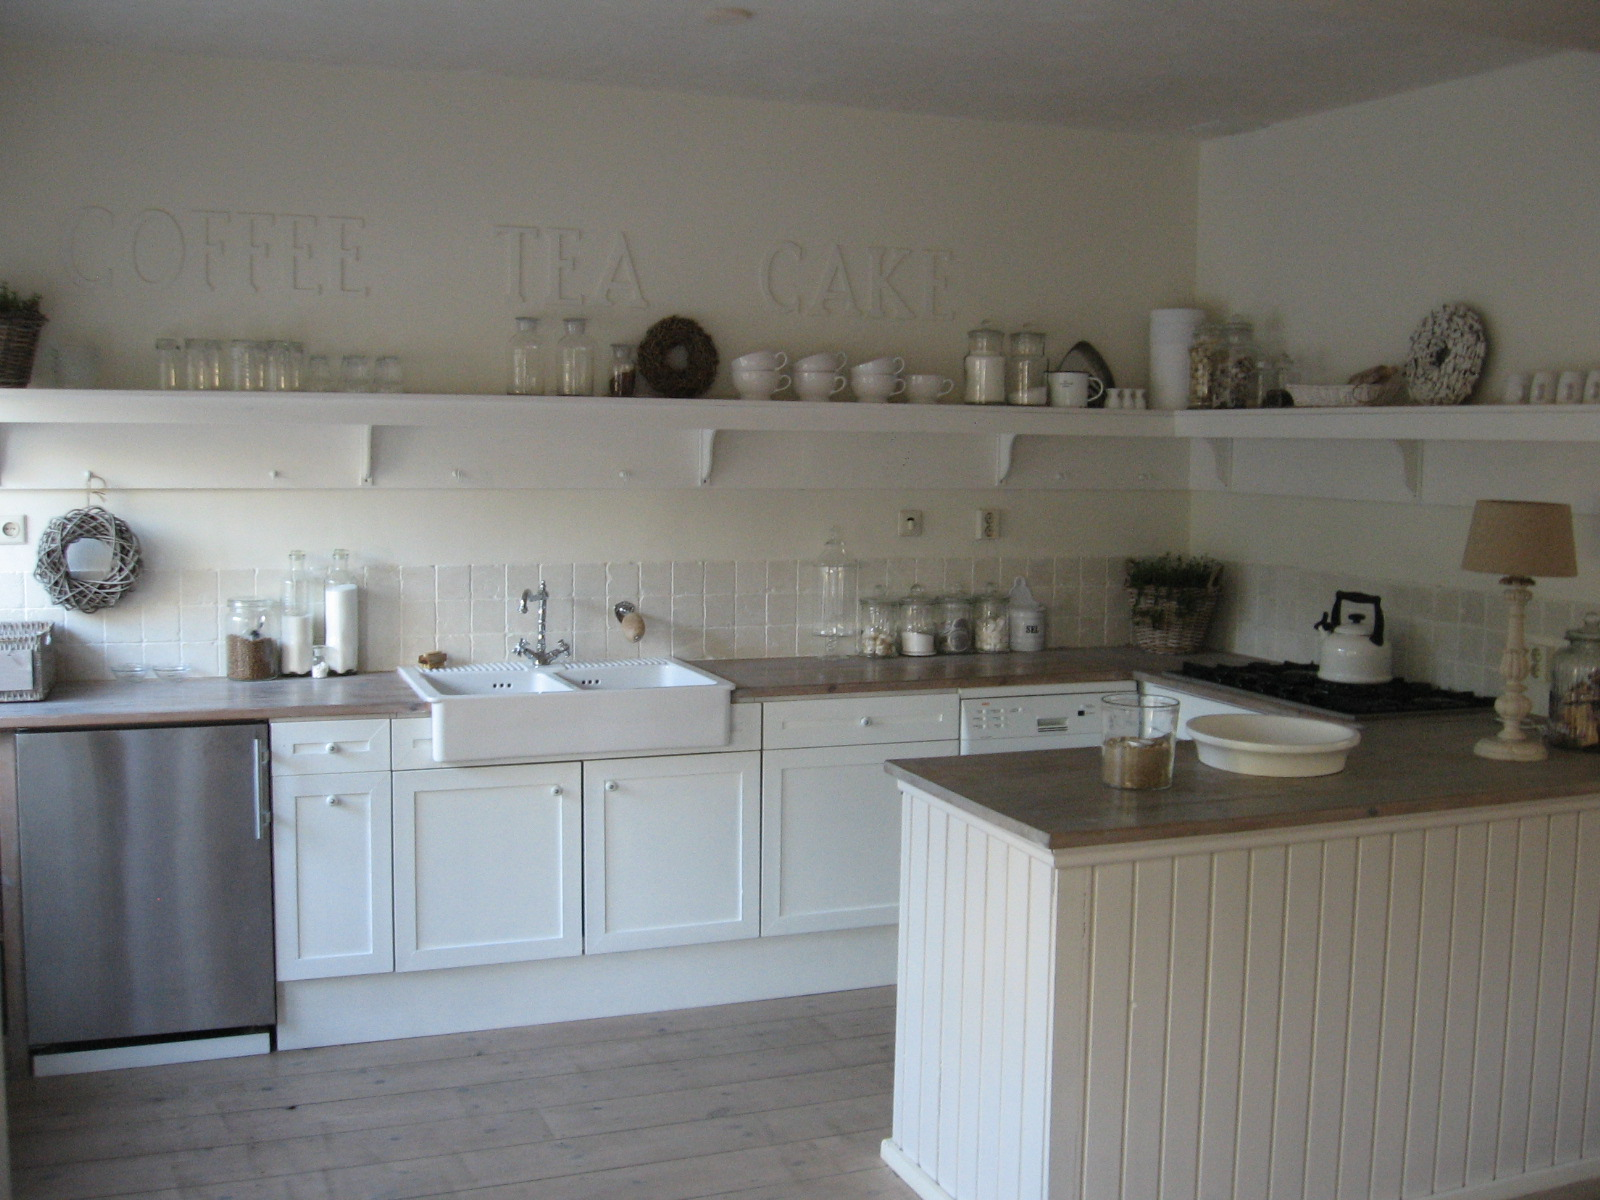 Muurdecoratie - Moderne keuken muurdecoratie ...